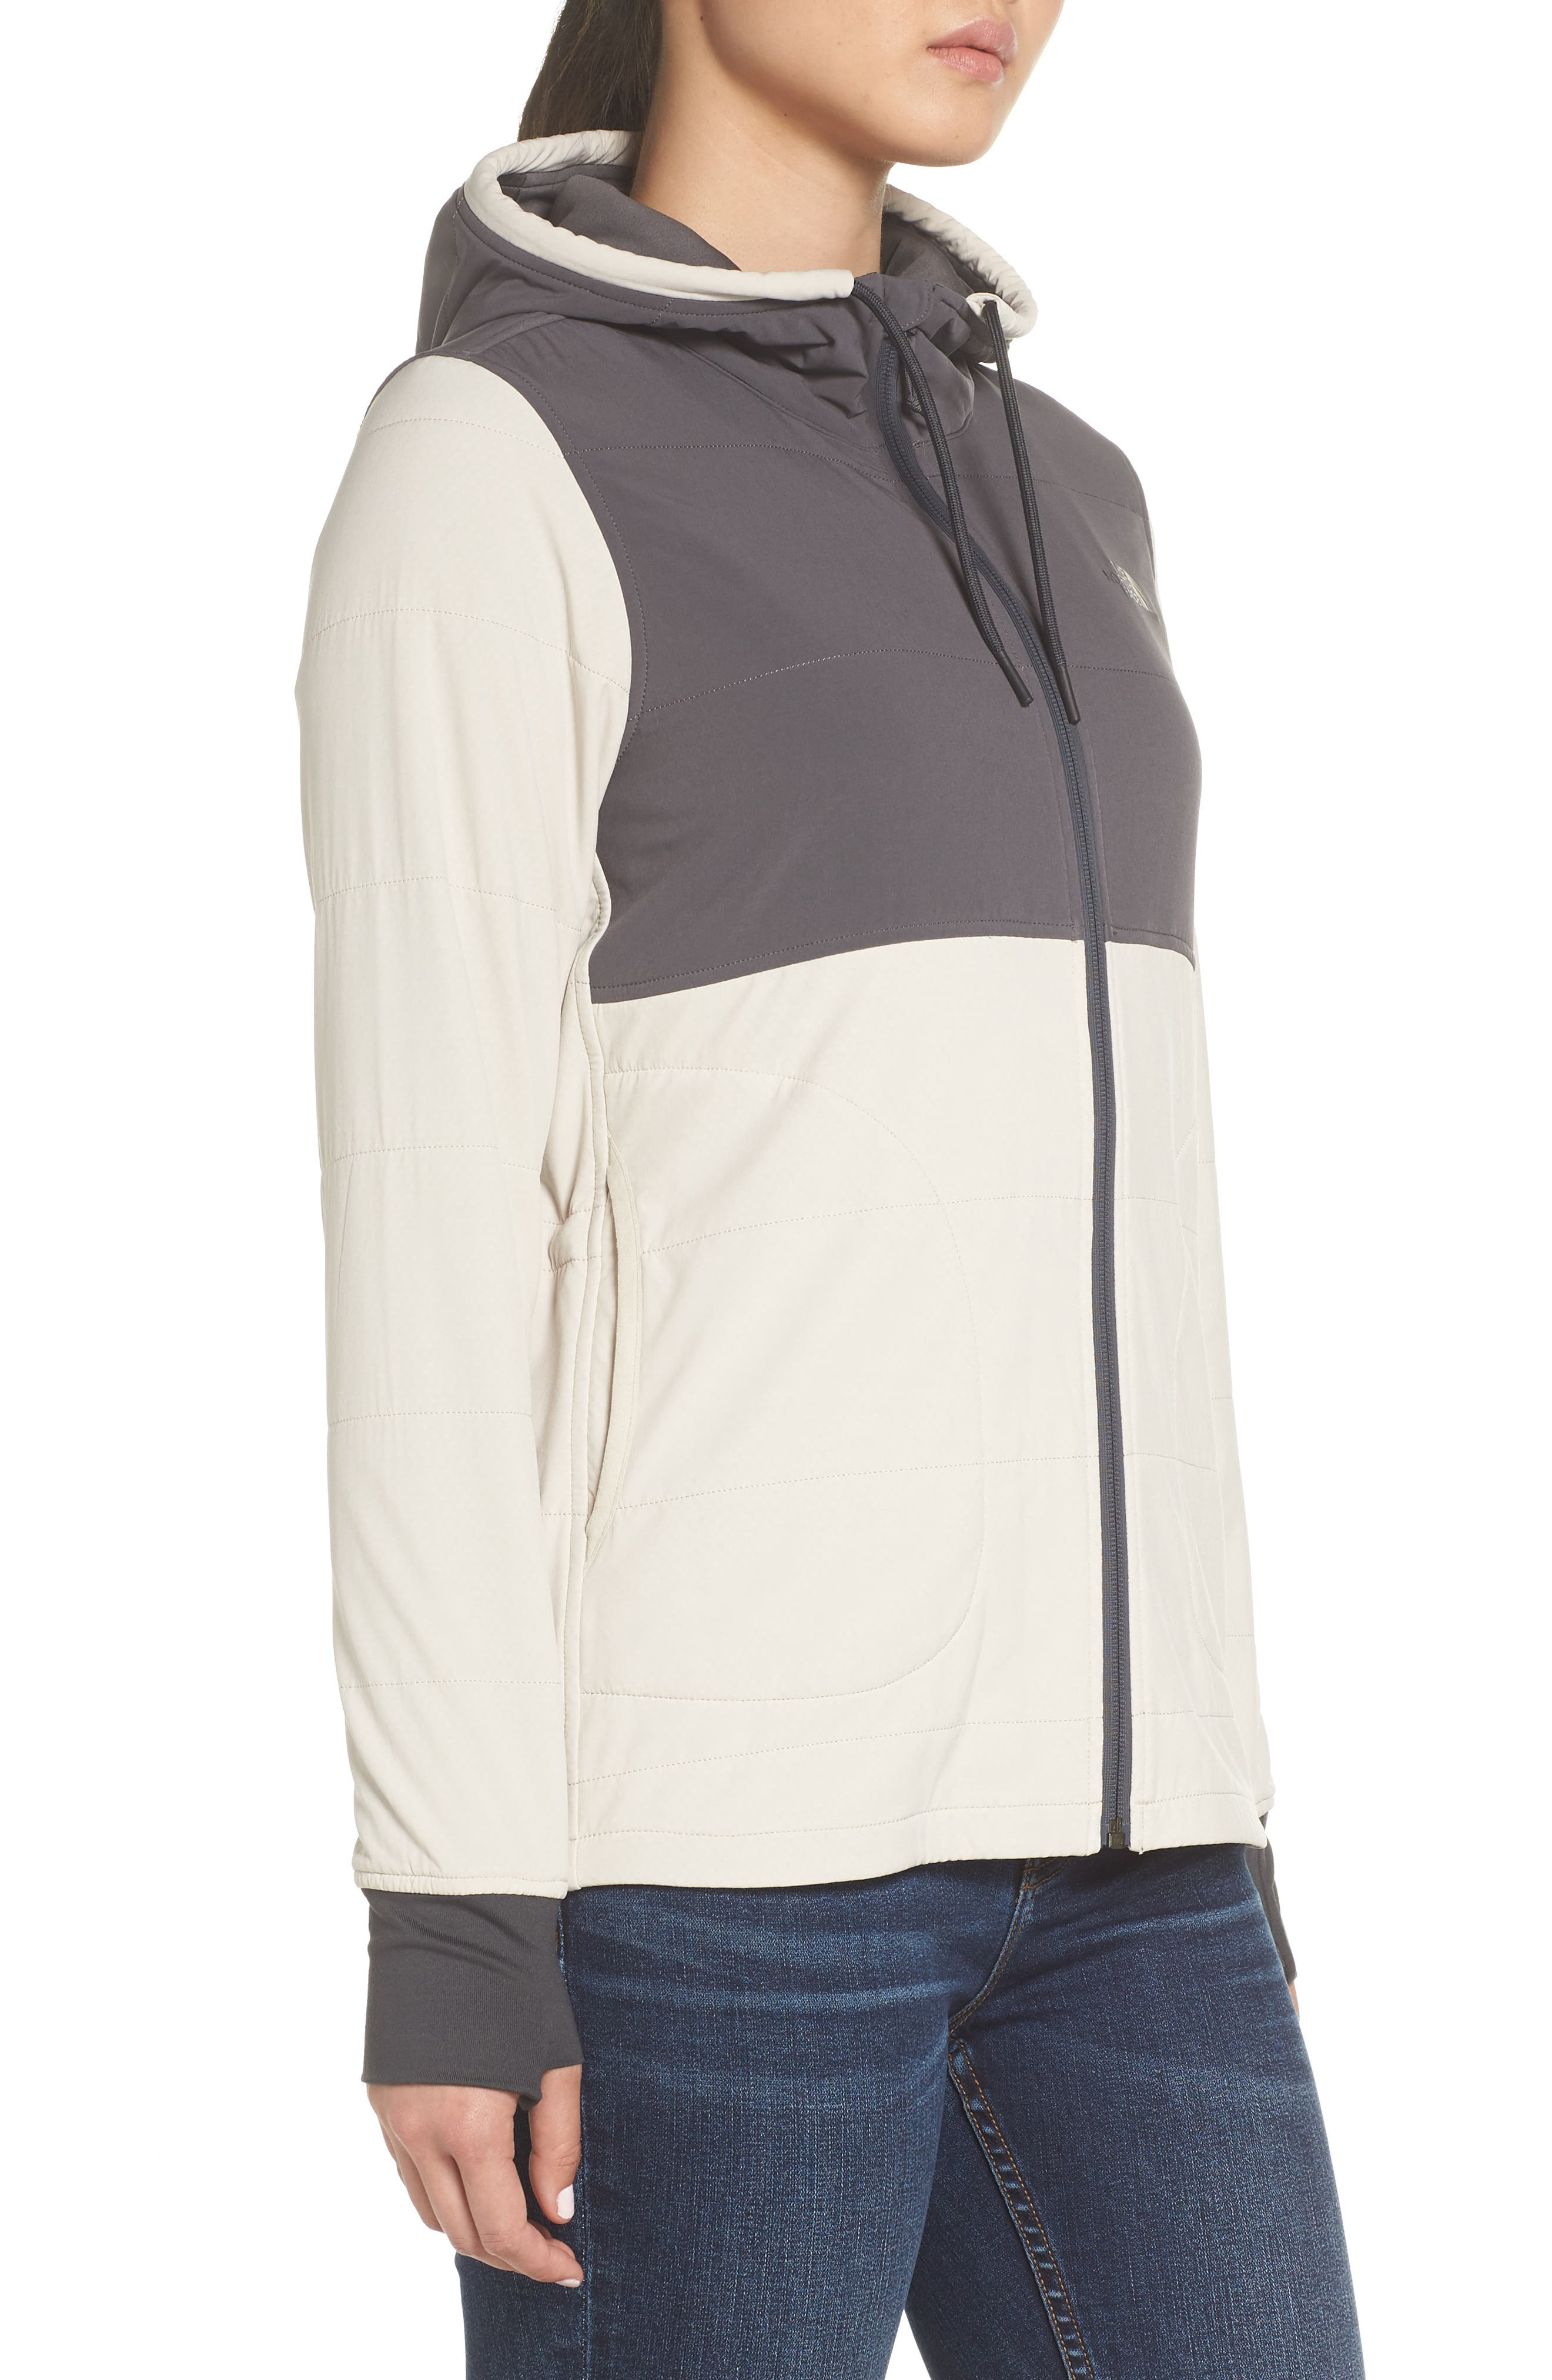 Mountain Zip Hooded Sweatshirt,                             Alternate thumbnail 3, color,                             PEYOTE BEIGE/ GRAPHITE GREY